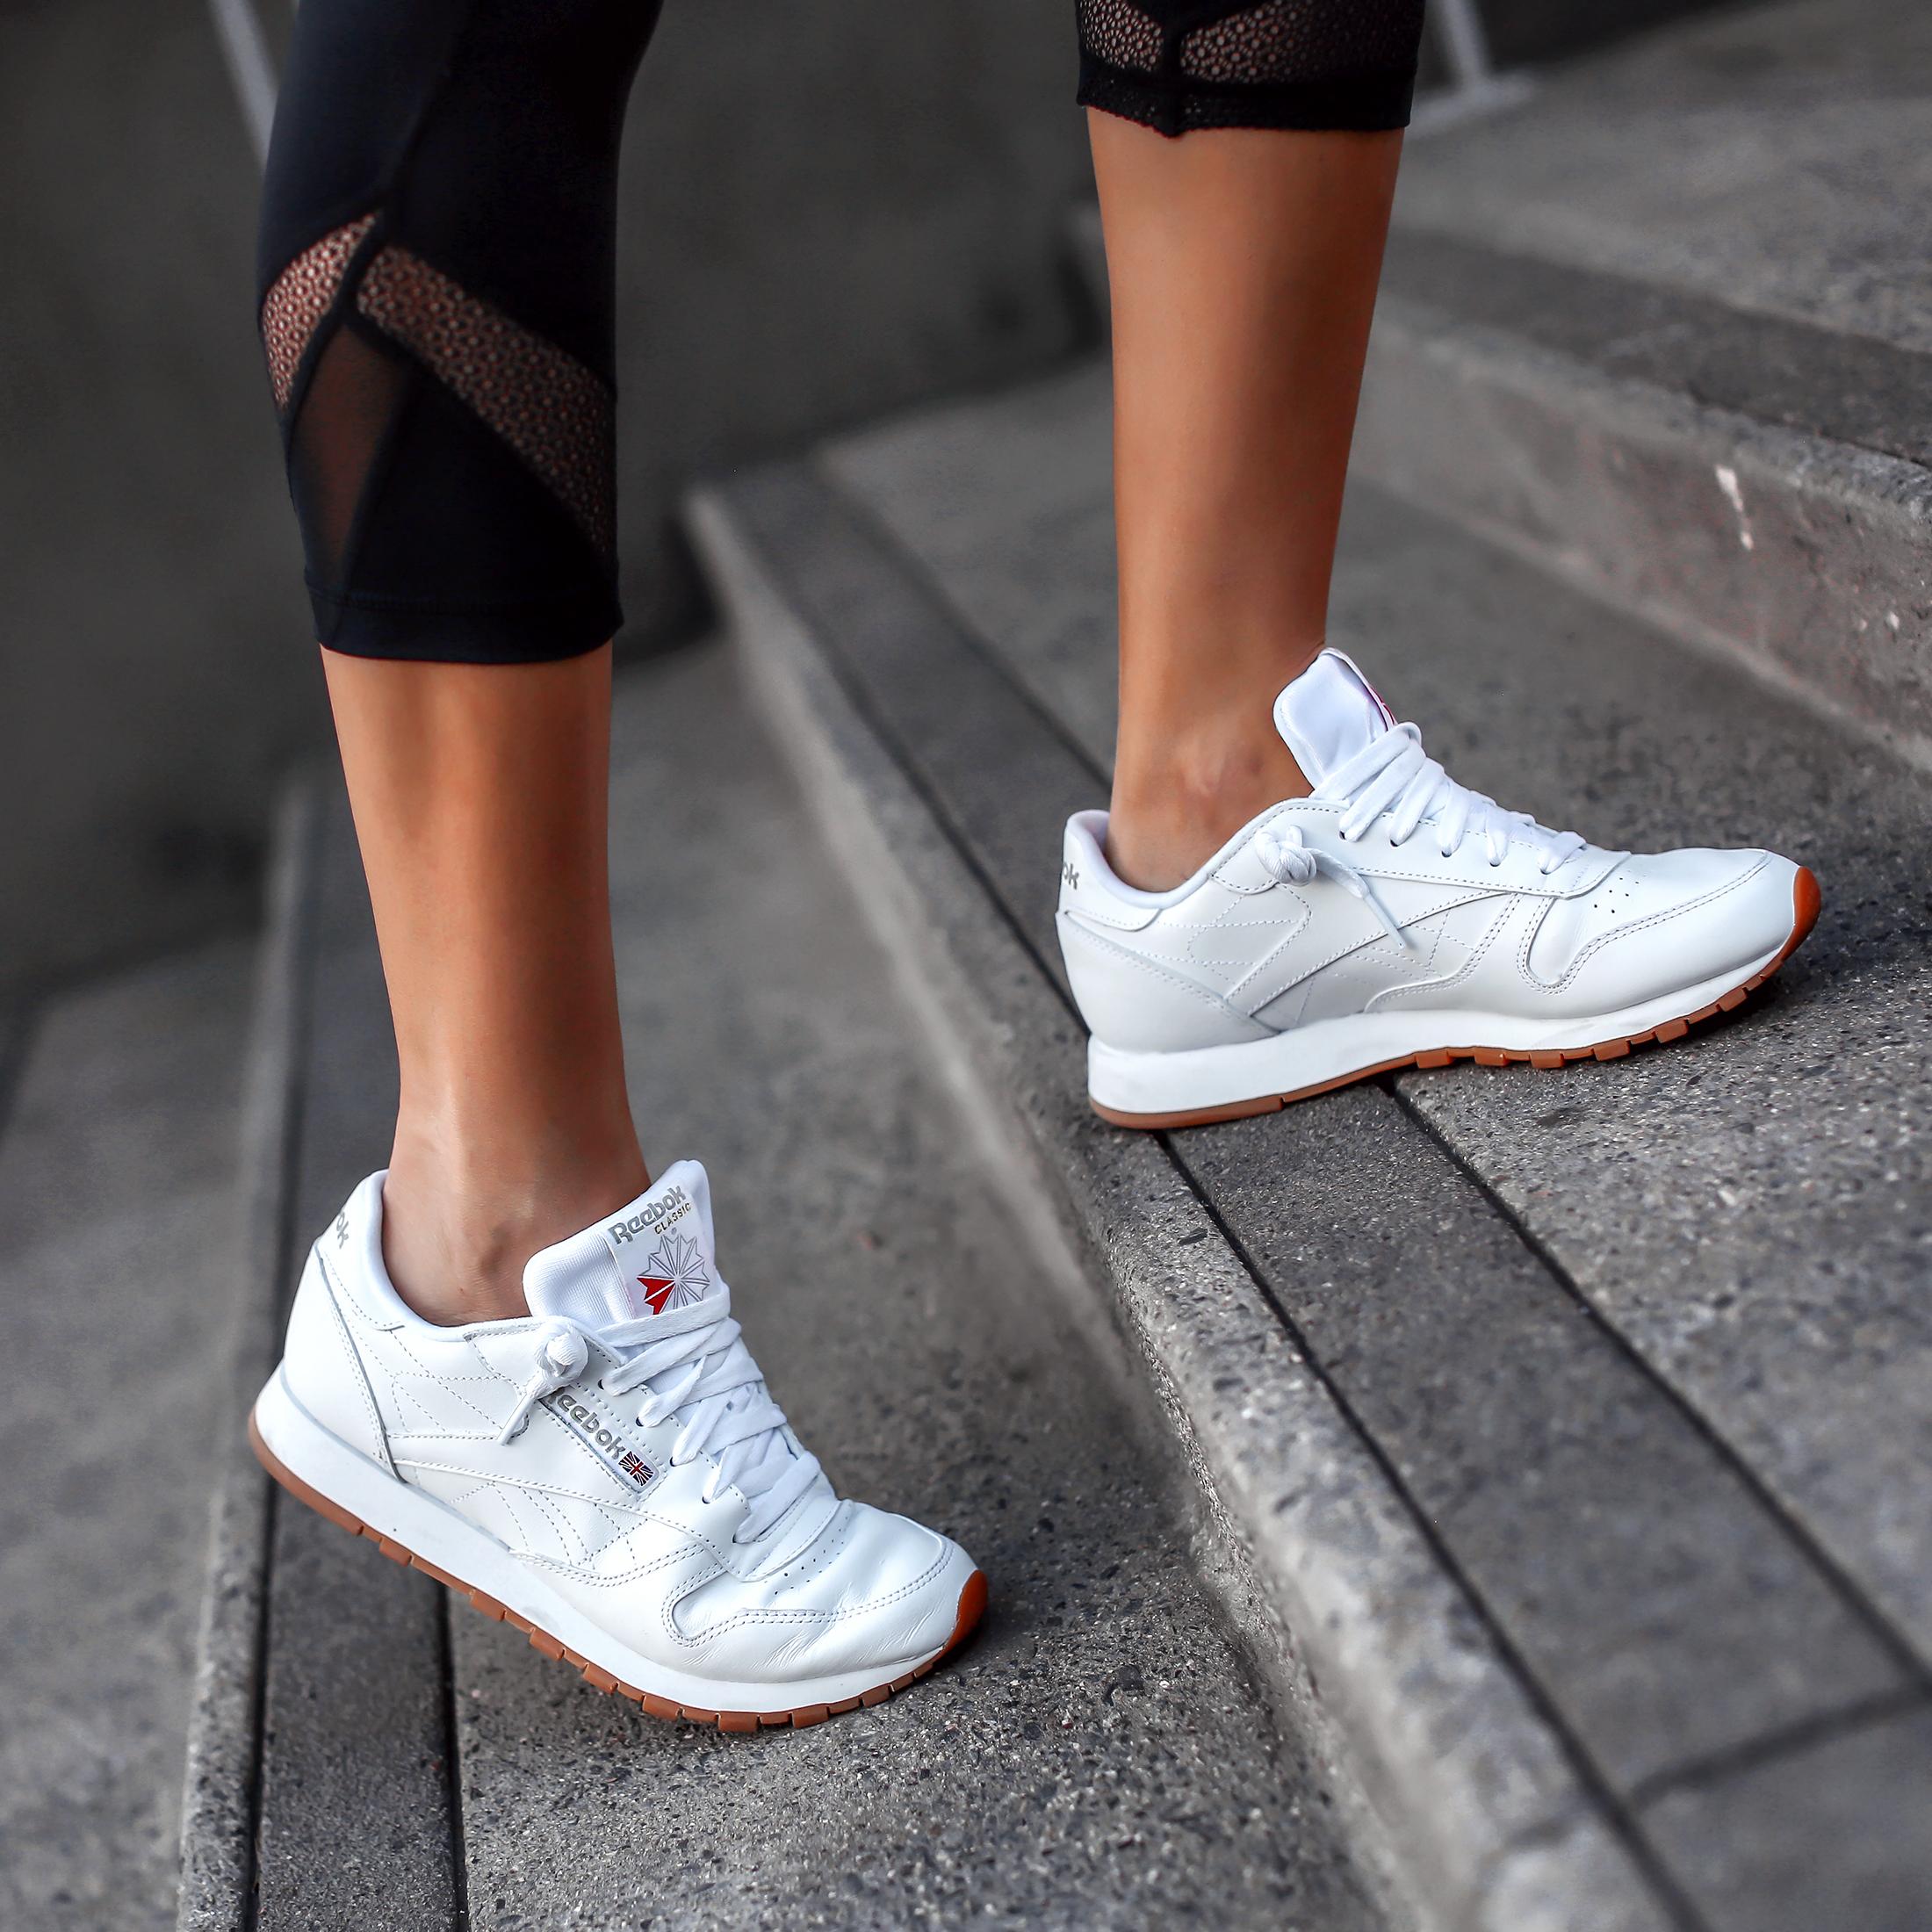 Woman Walking in Reebok Classic Sneakers